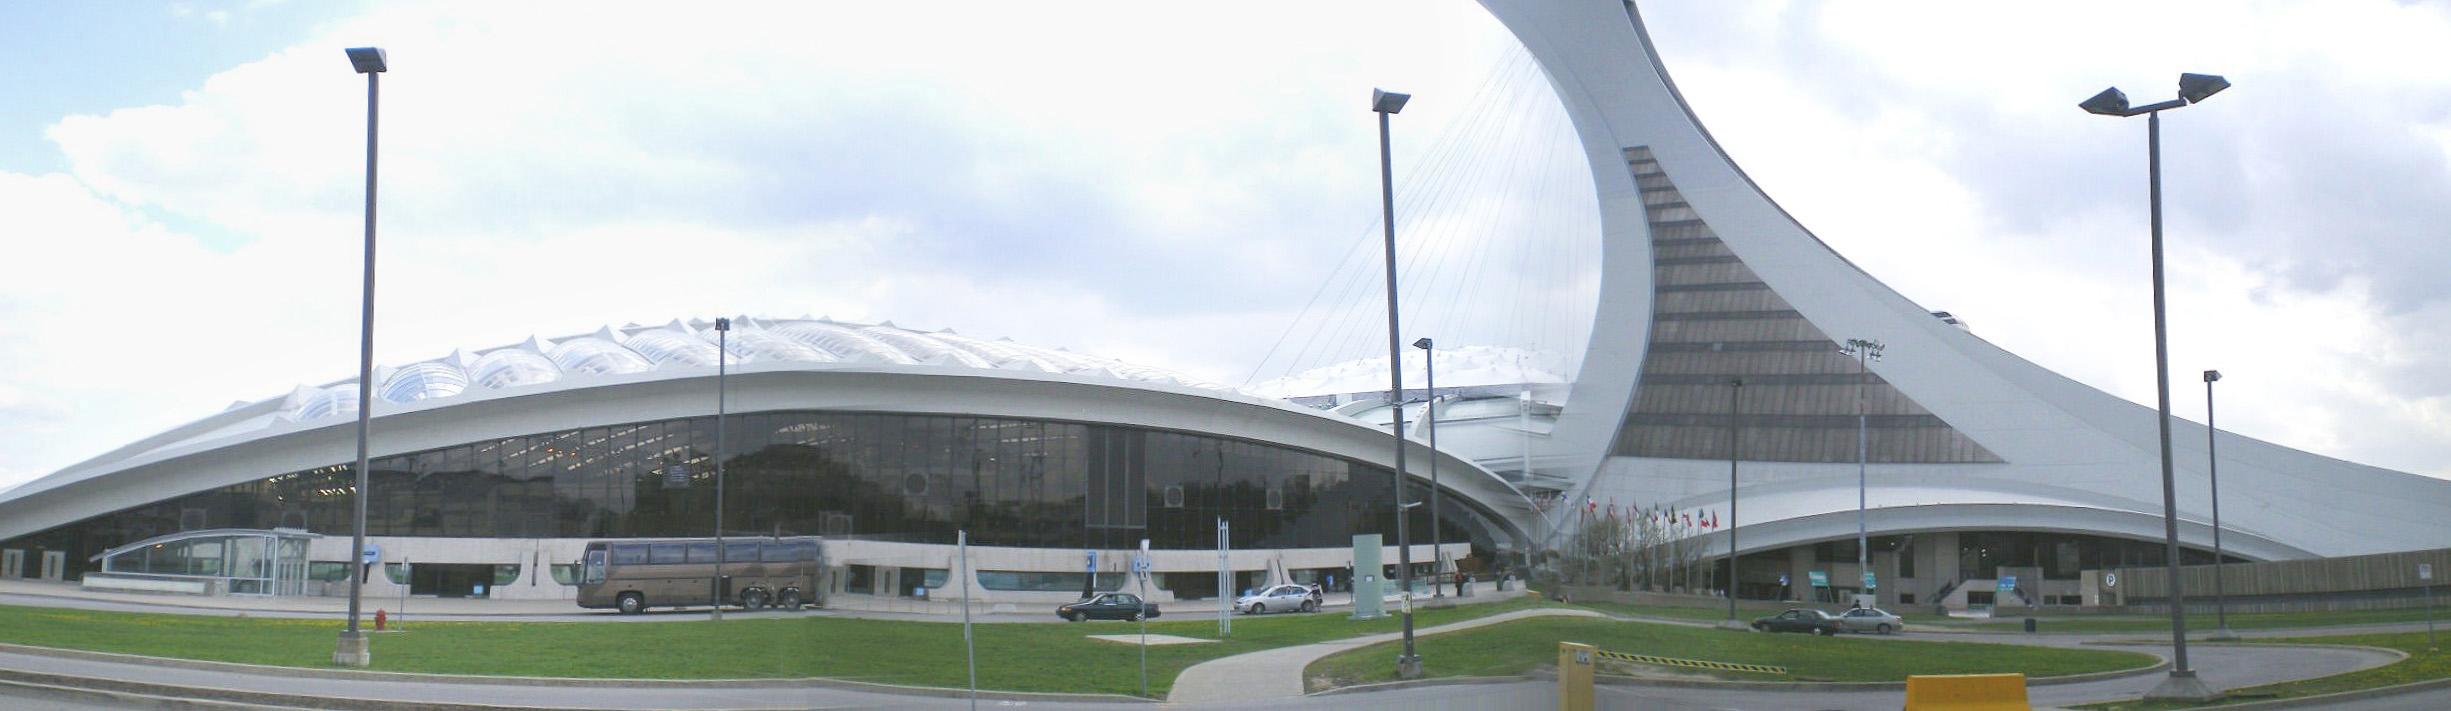 montreal(biodome)